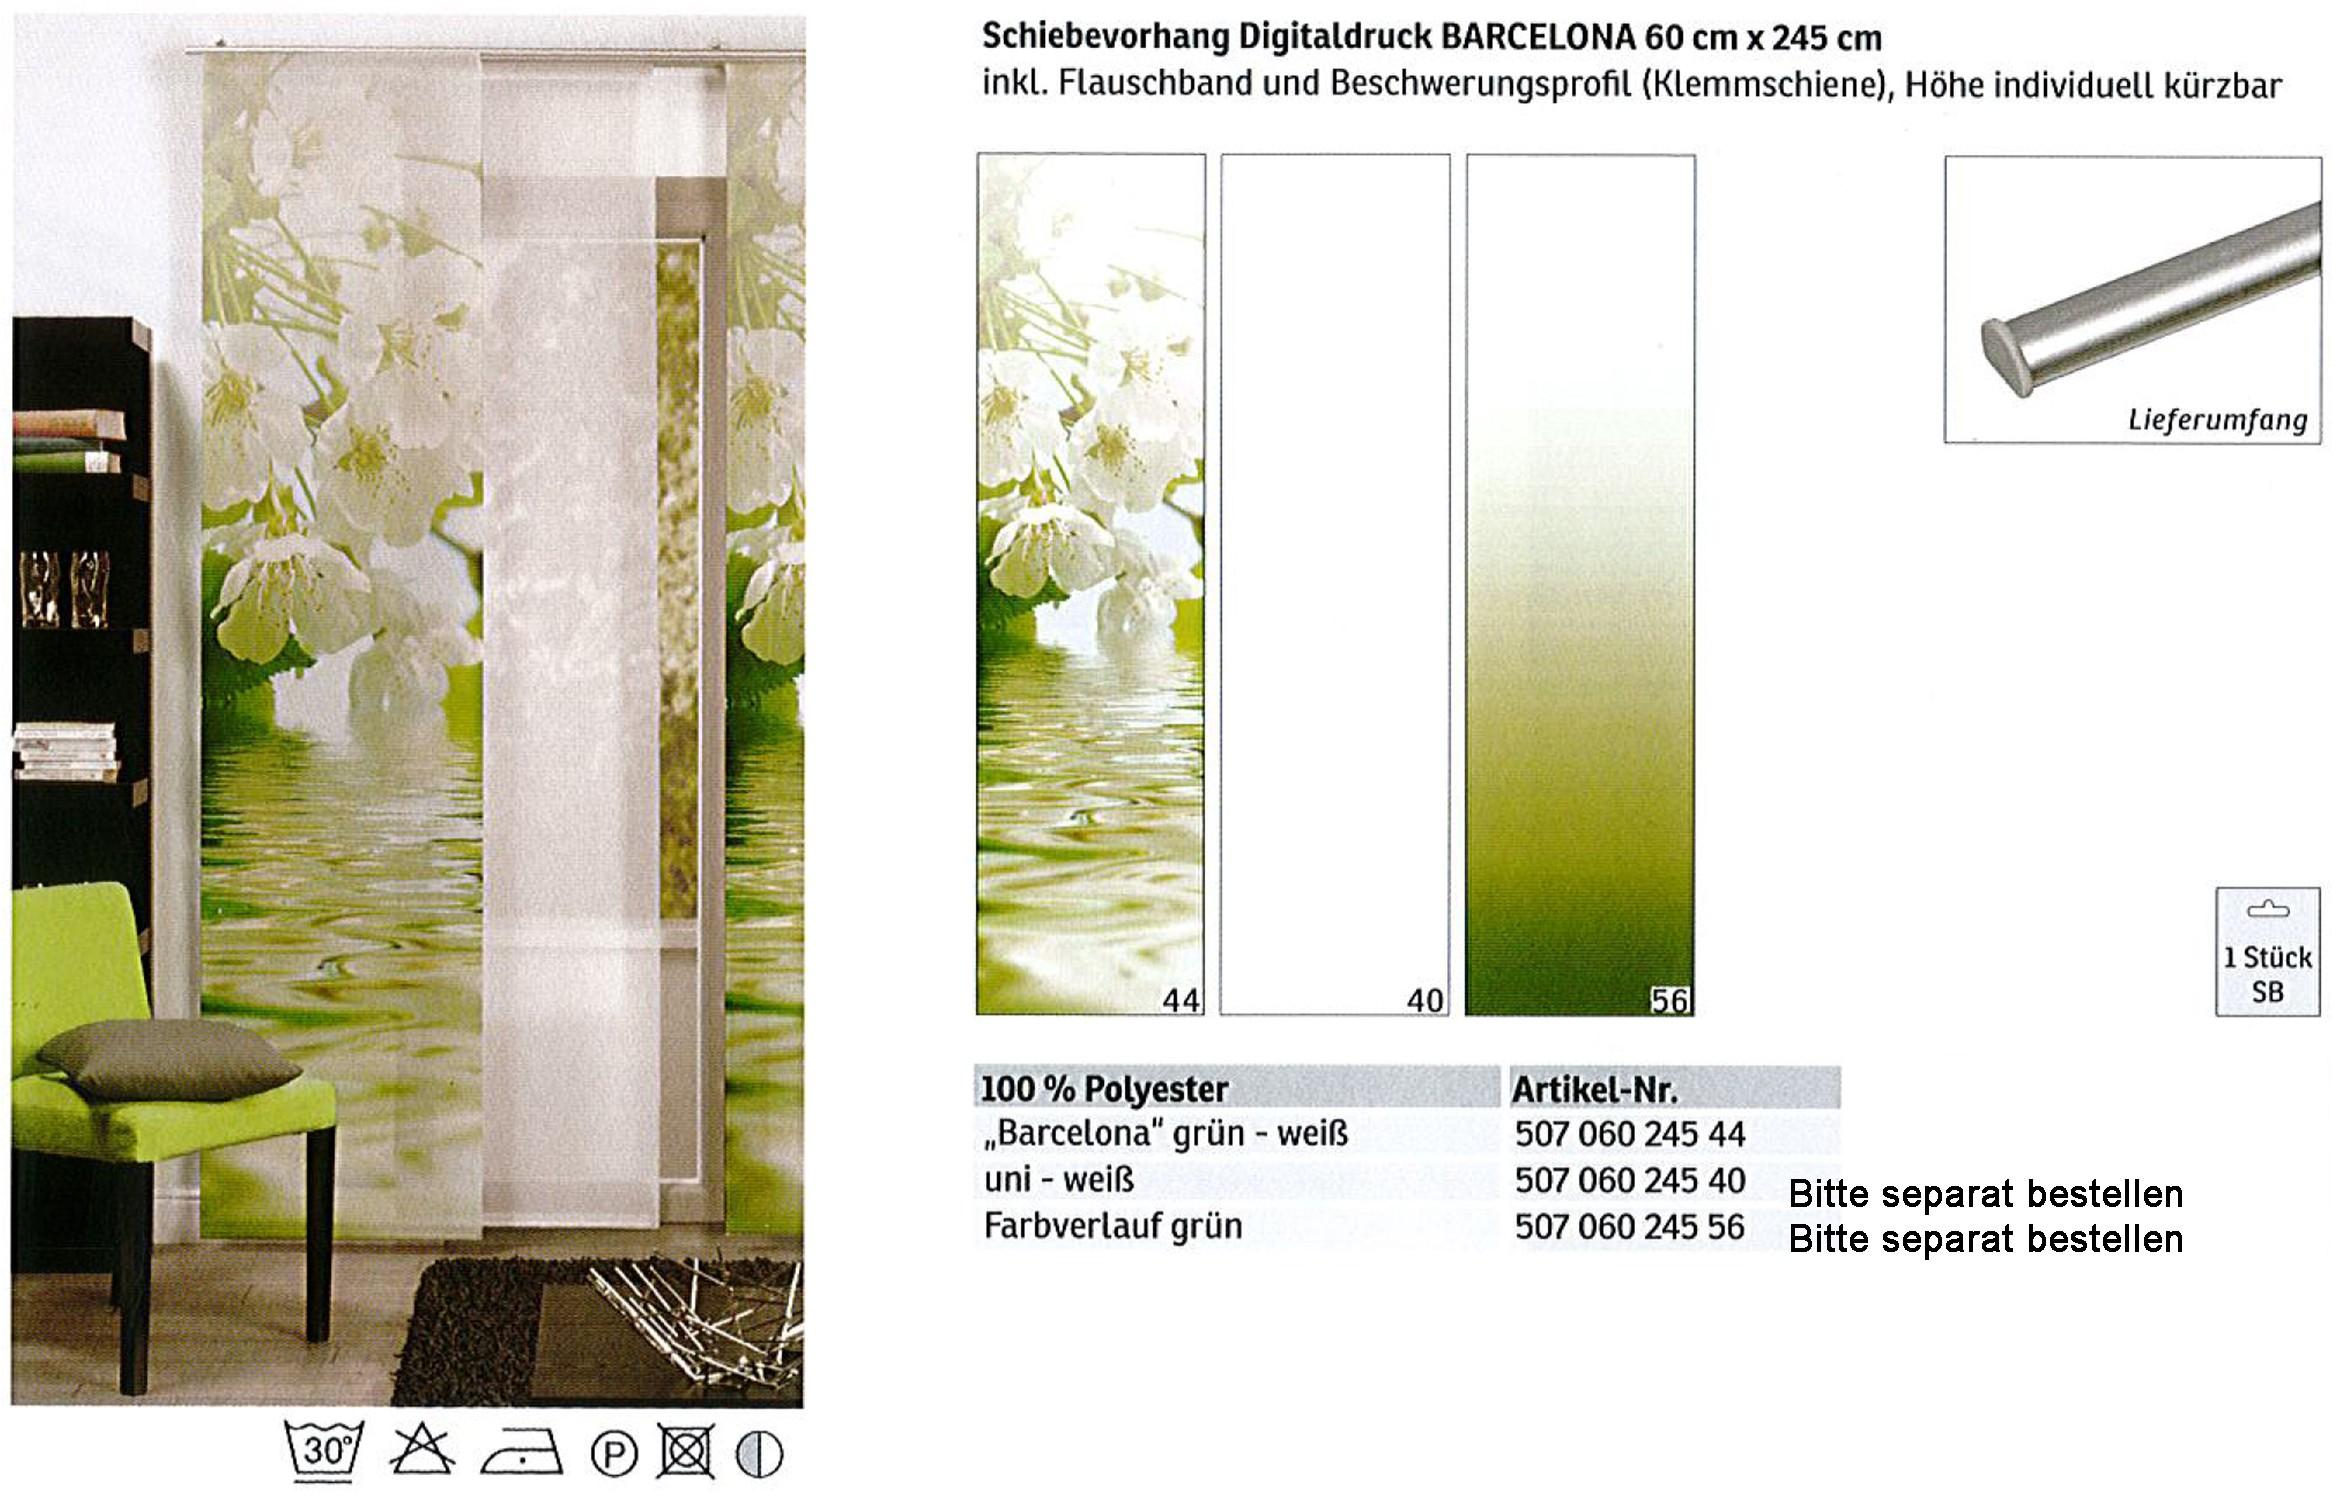 Schiebevorhang Digitaldruck Barcelona Grün - Weiß, ca. 60 x 245 cm